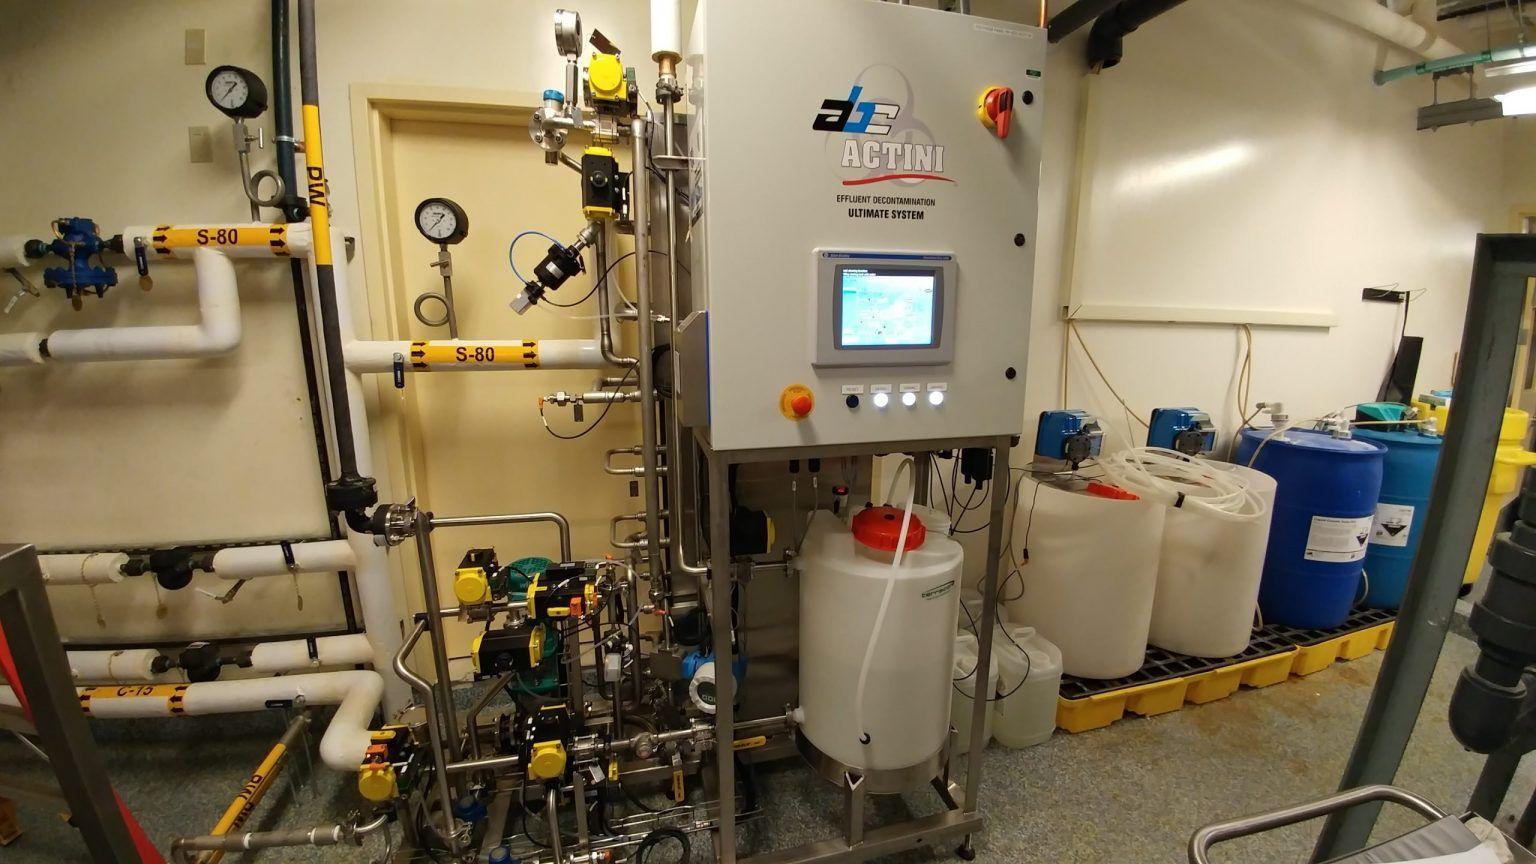 Ultimate decontamination unit